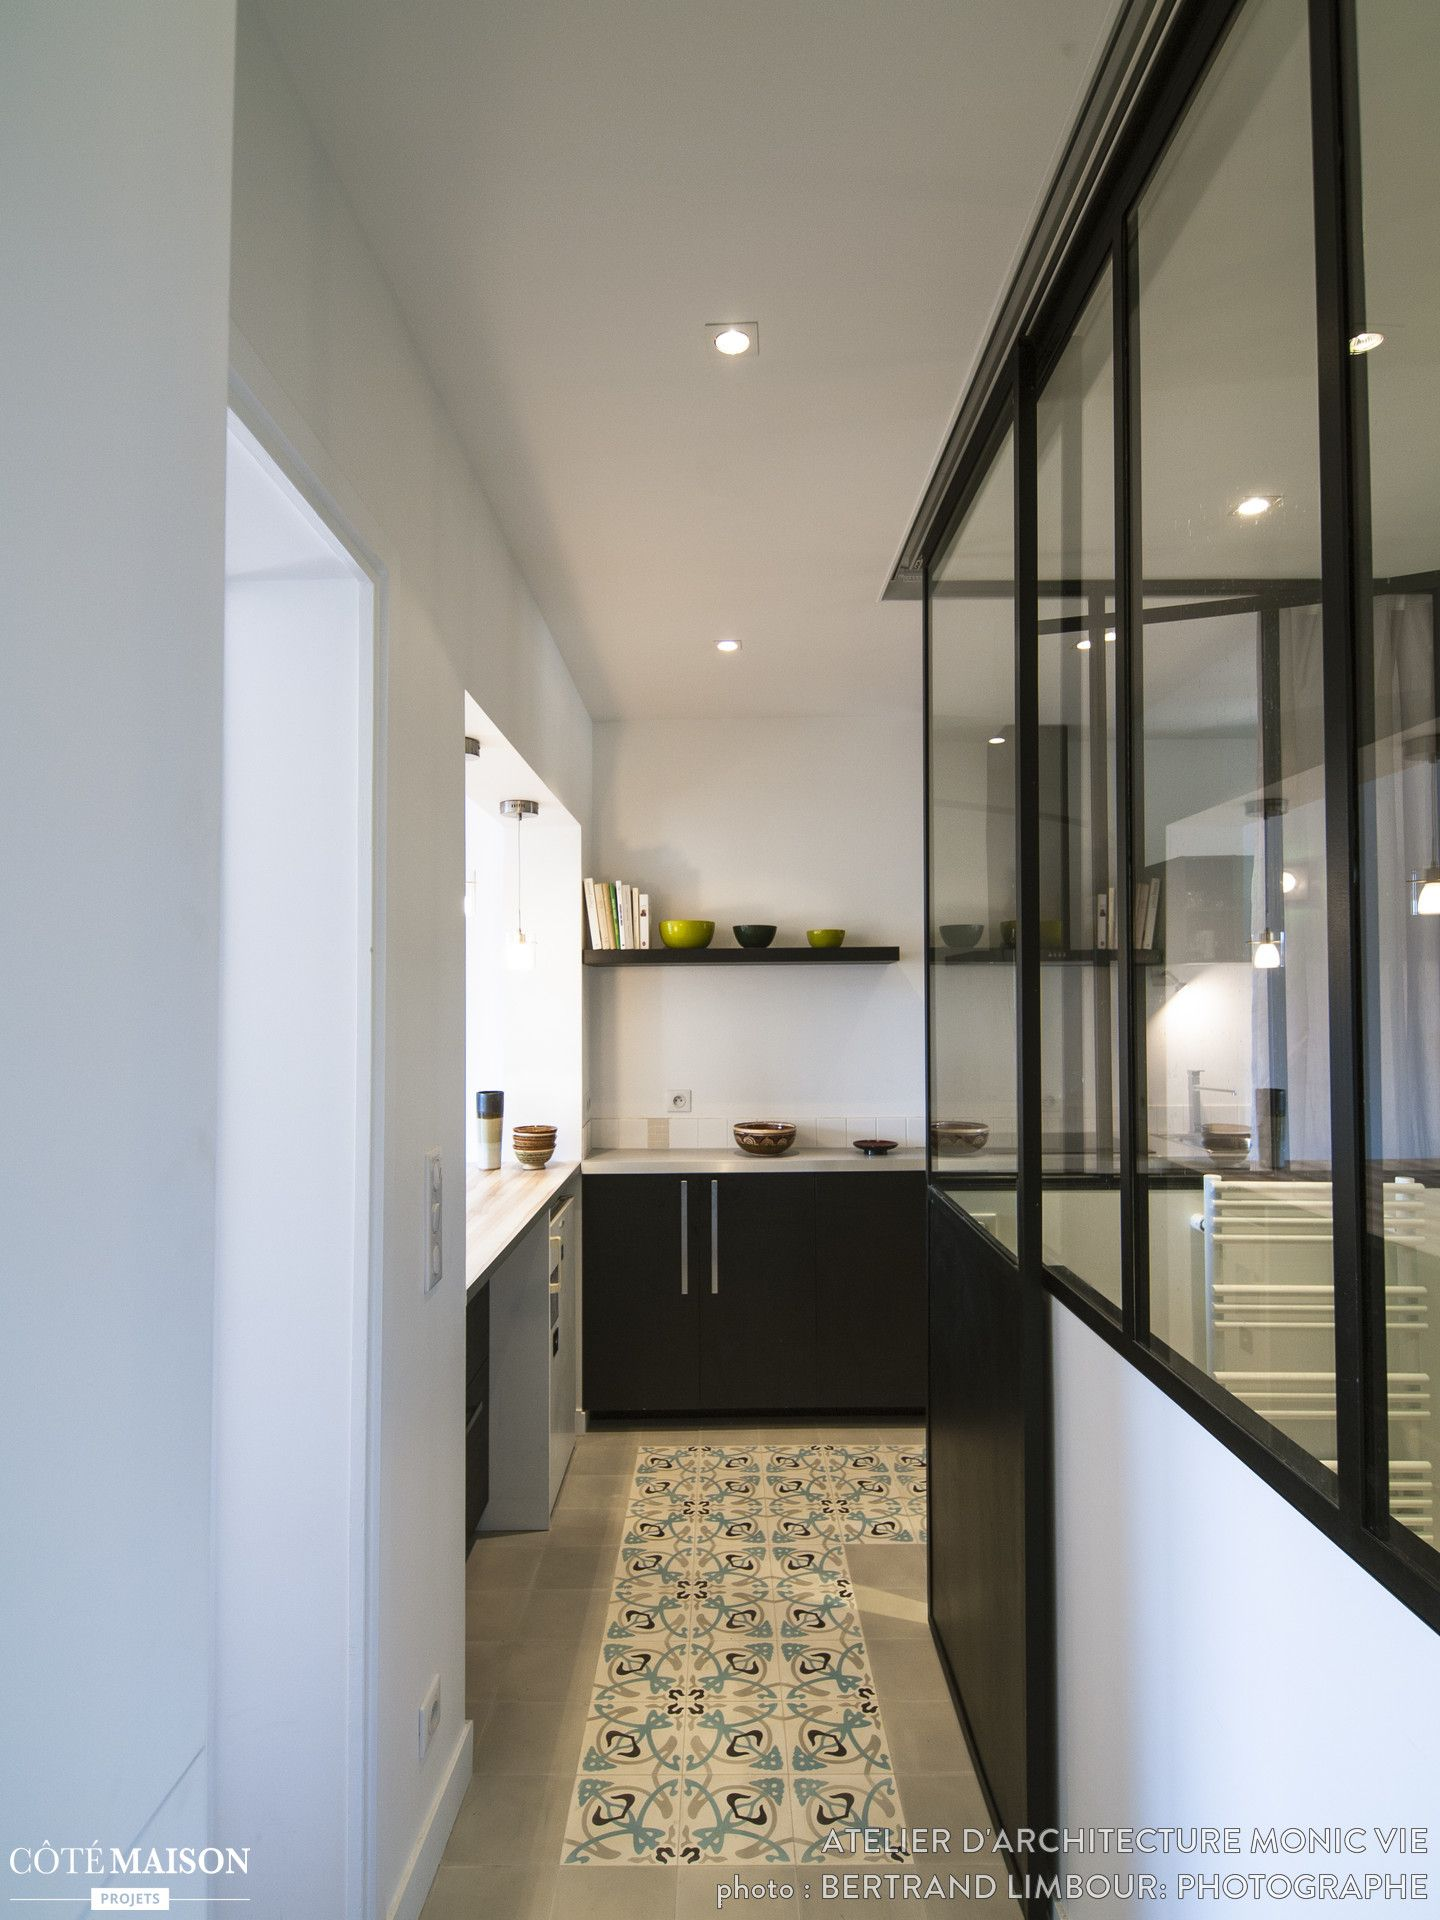 R habilitation appartement paris 18 me atelier d 39 architecture monic vie c t maison projets - Maison de la hongrie paris ...